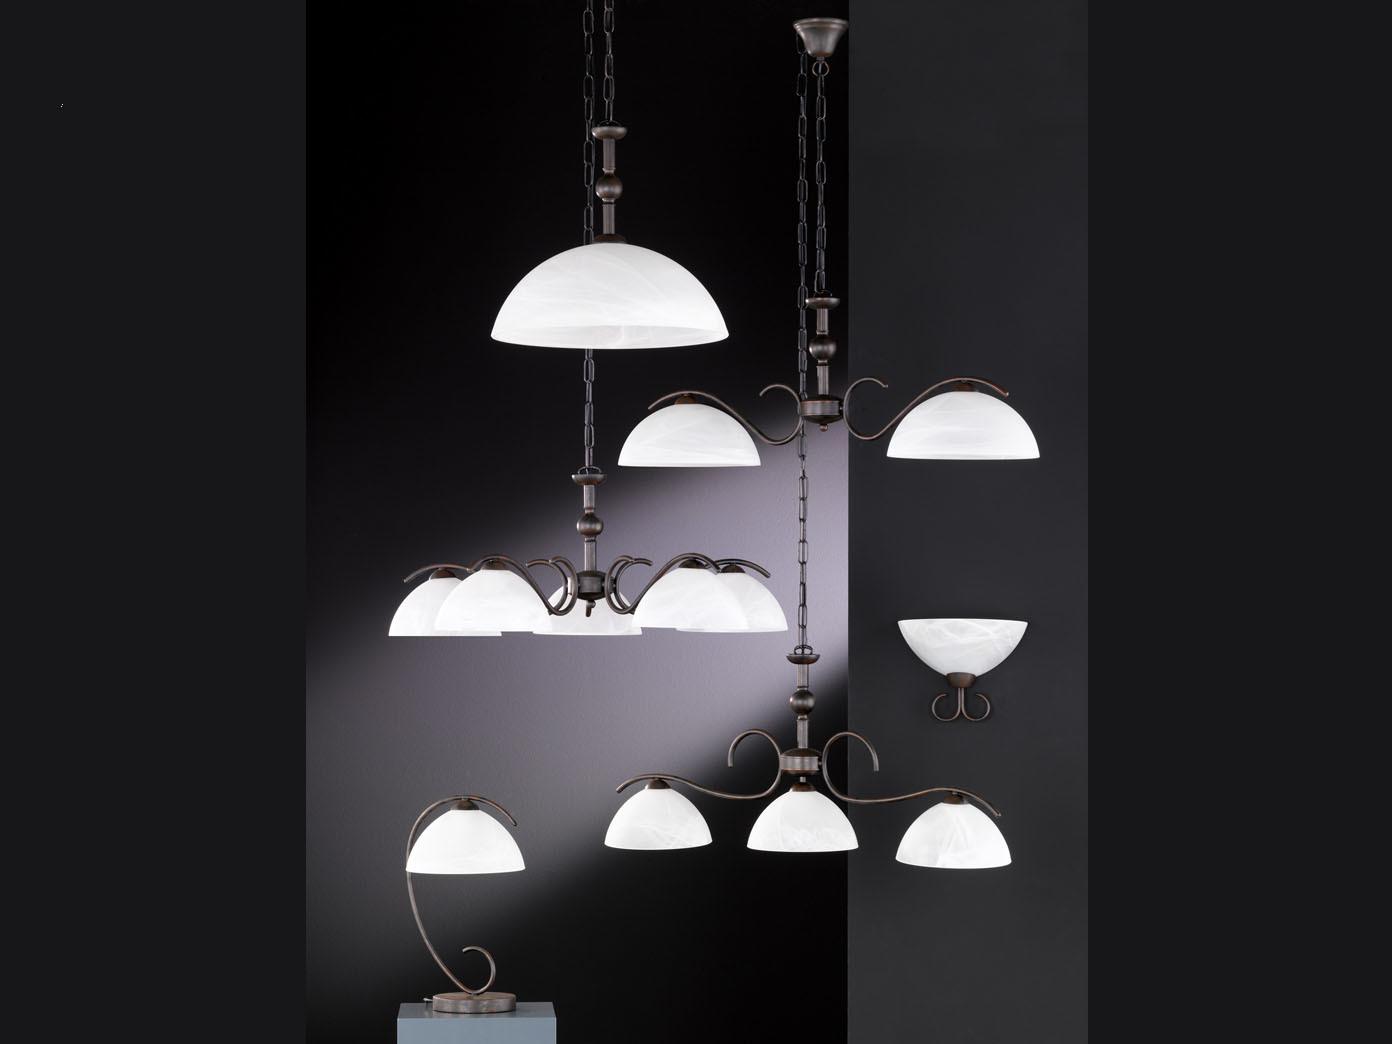 Künstlerisch Lampe 3 Flammig Foto Von Haengeleuchte-pendelleuchte-antik-lampe-3-flammig-glas-weiss-